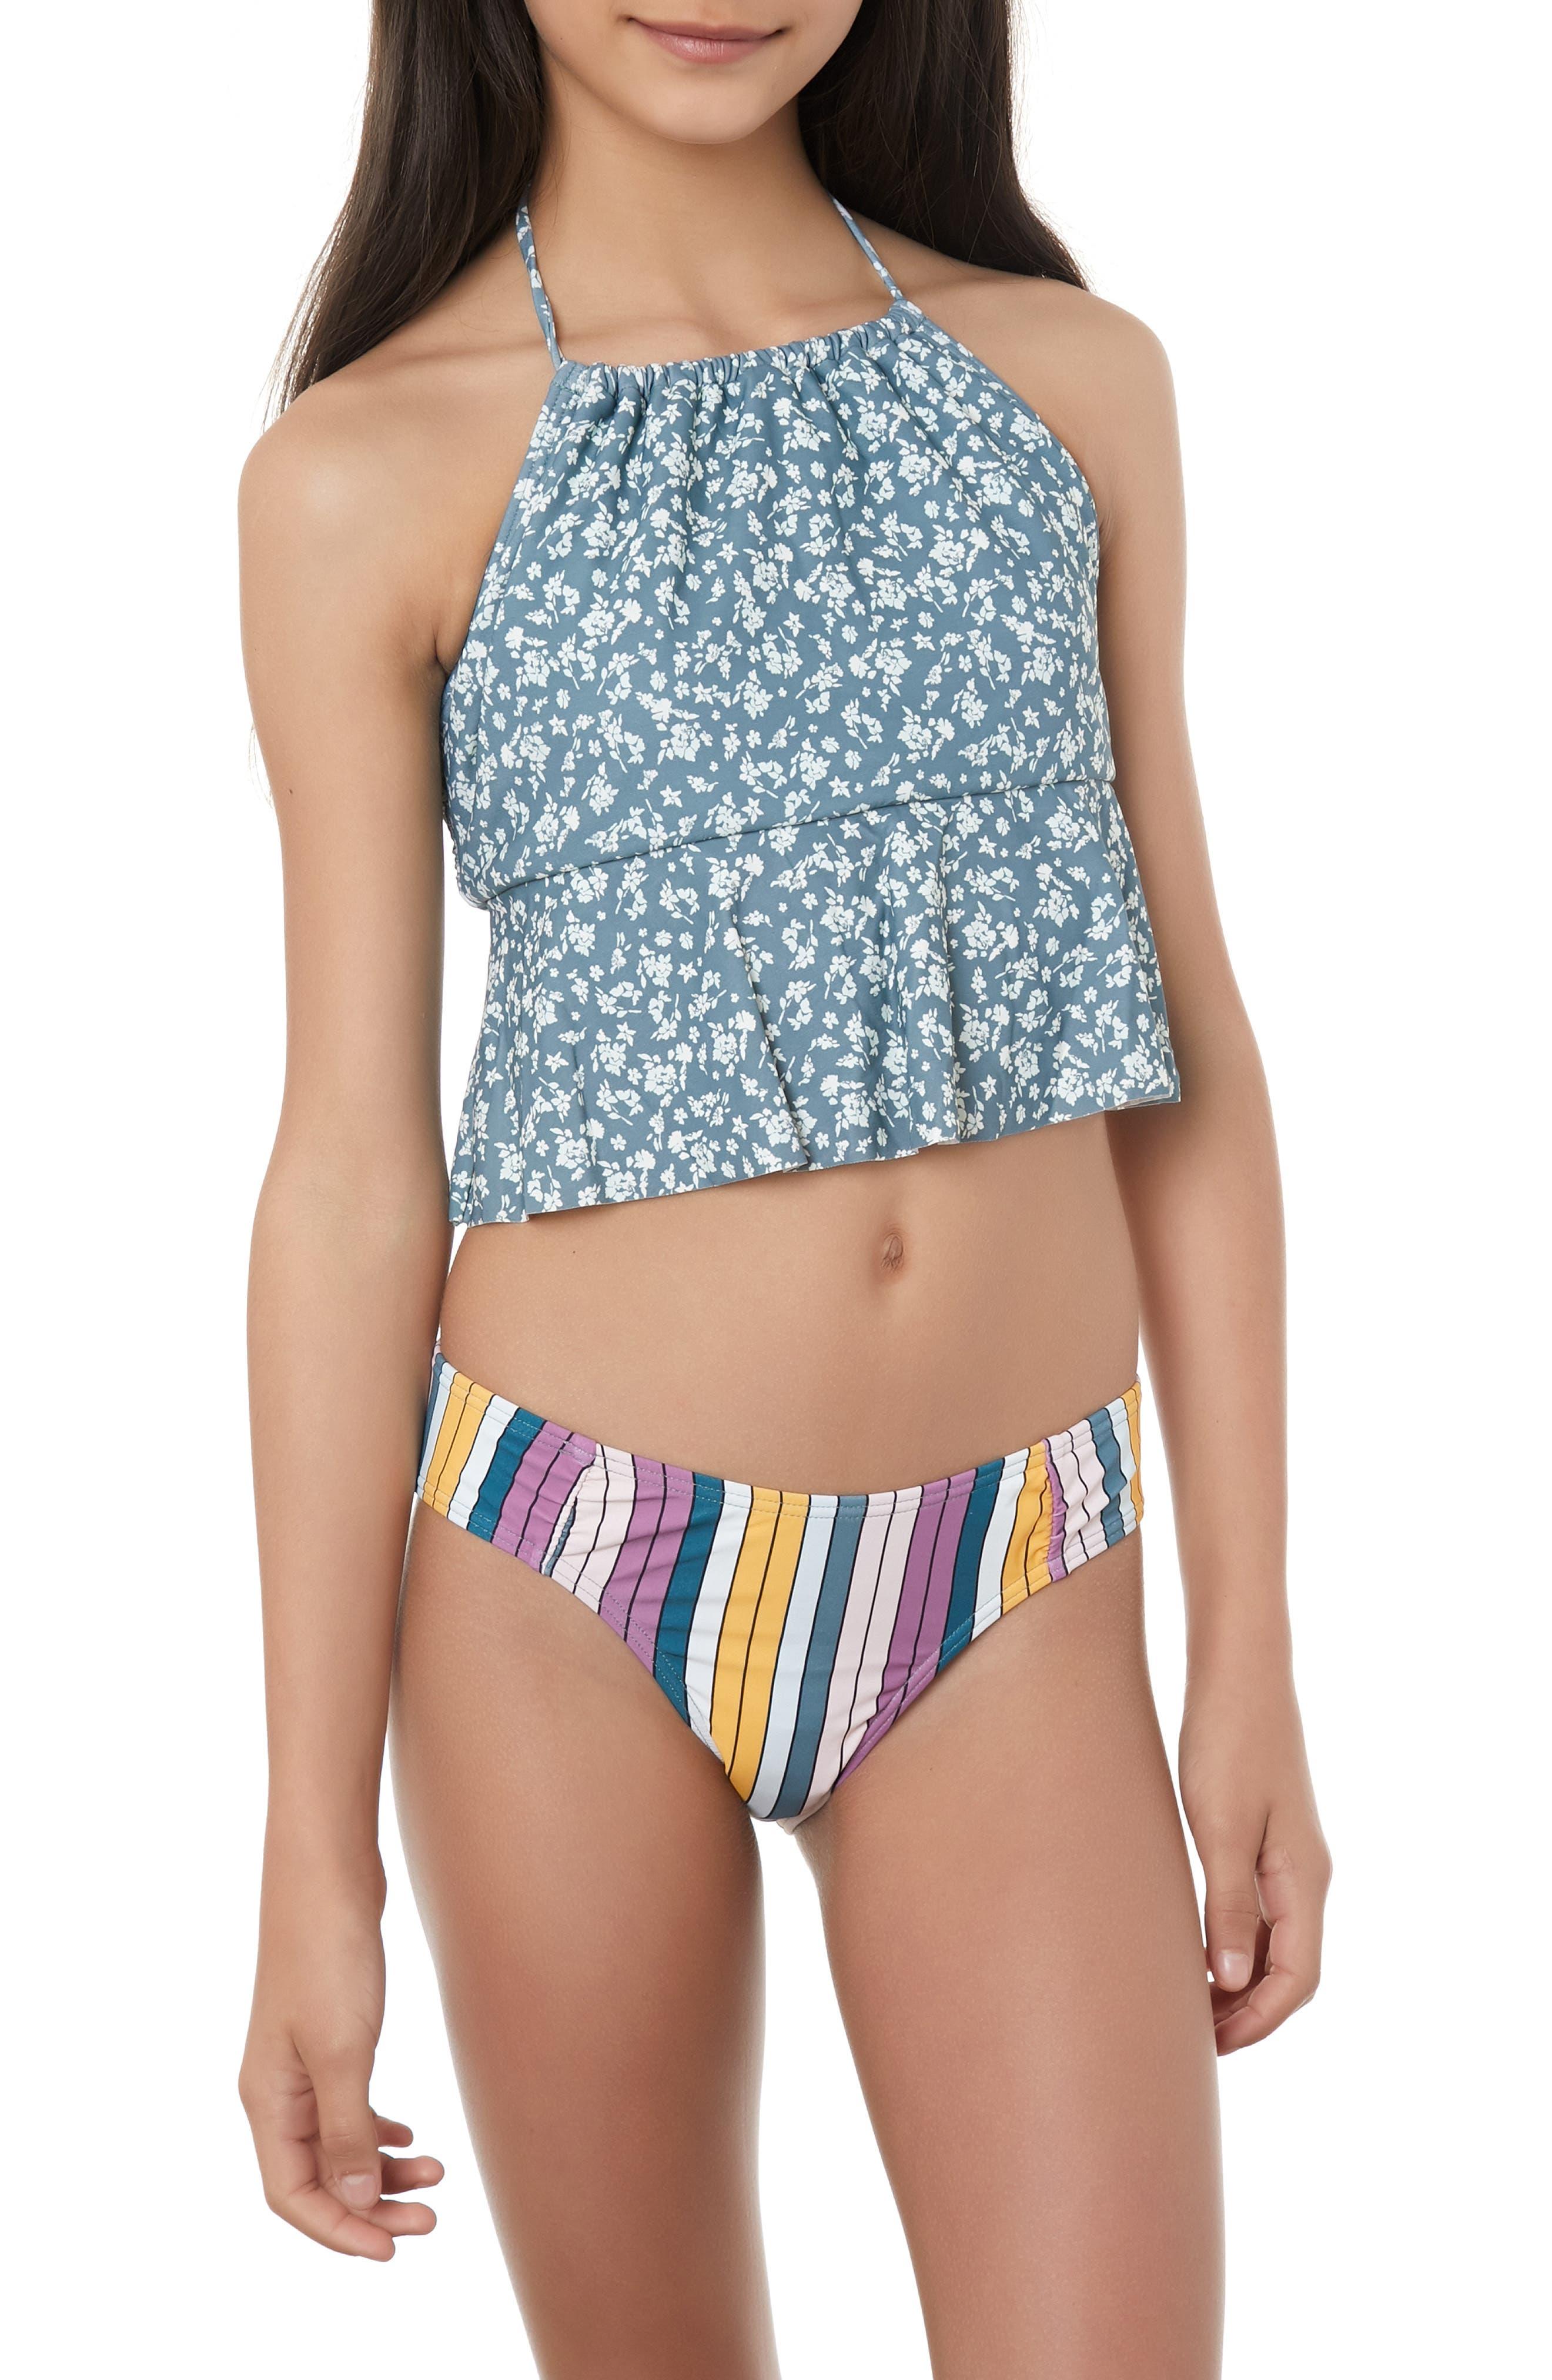 66e8efe27c O neill lora two piece tankini swimsuit big girls jpg 480x730 Micro tankini  swimsuits